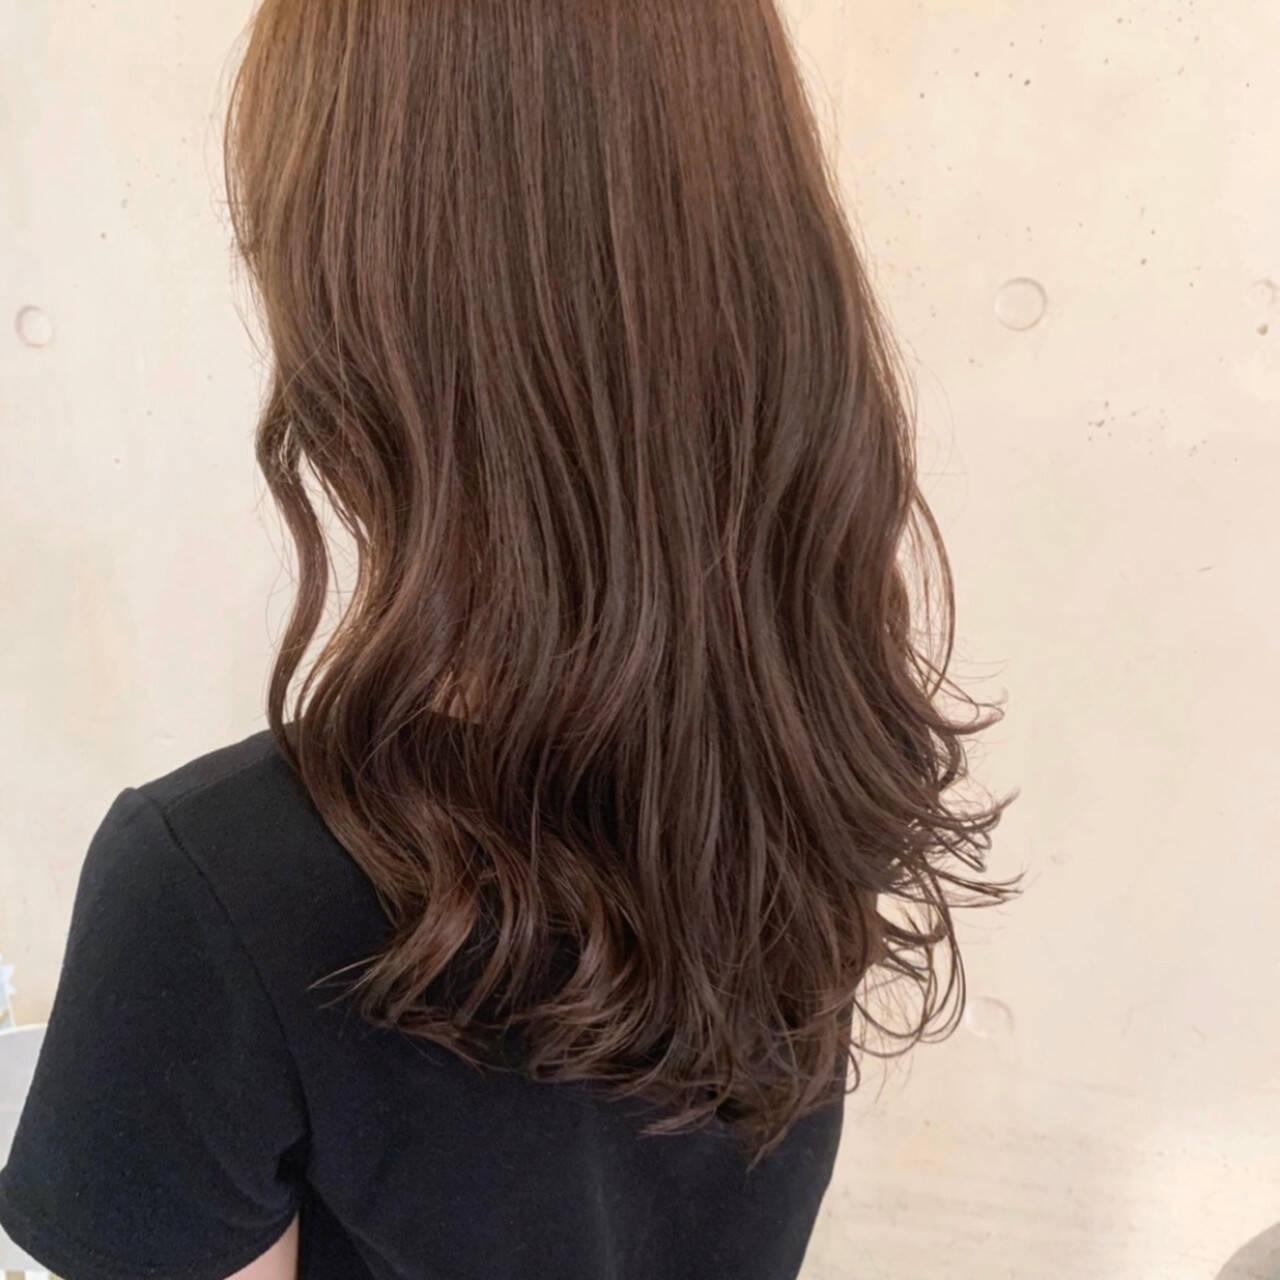 韓国ヘア ナチュラル ゆるふわパーマ セミロングヘアスタイルや髪型の写真・画像